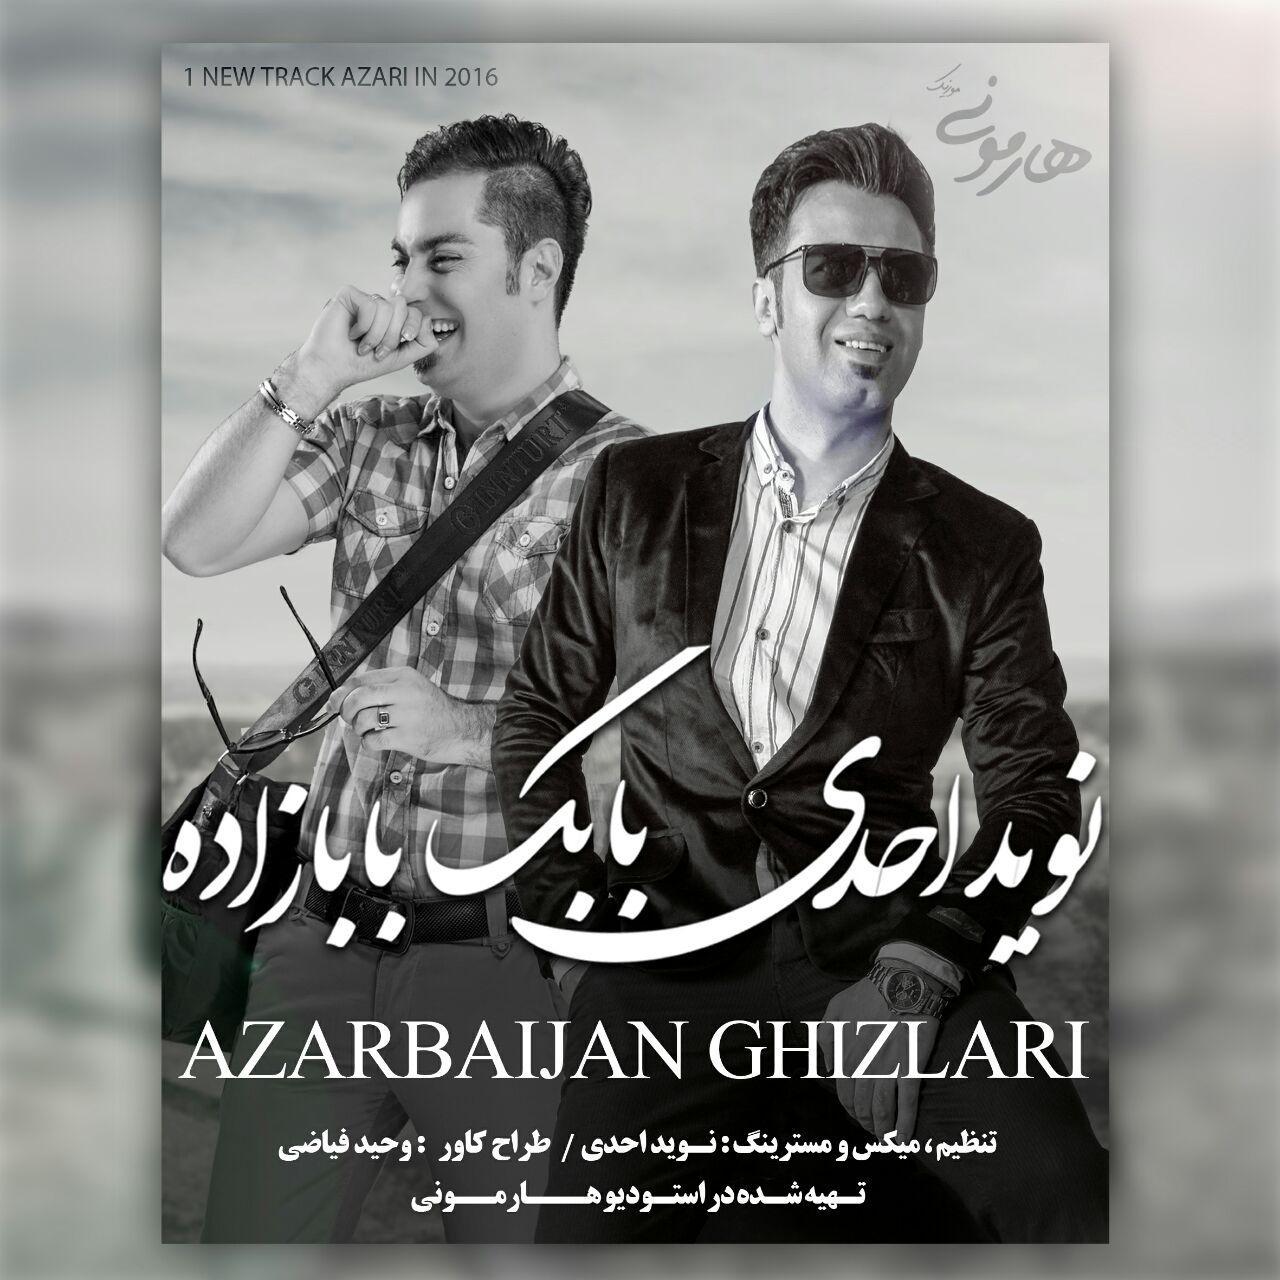 دانلود آهنگ جدید بابک بابازاده و نوید احدی به نام آذربایجان قیزلاری